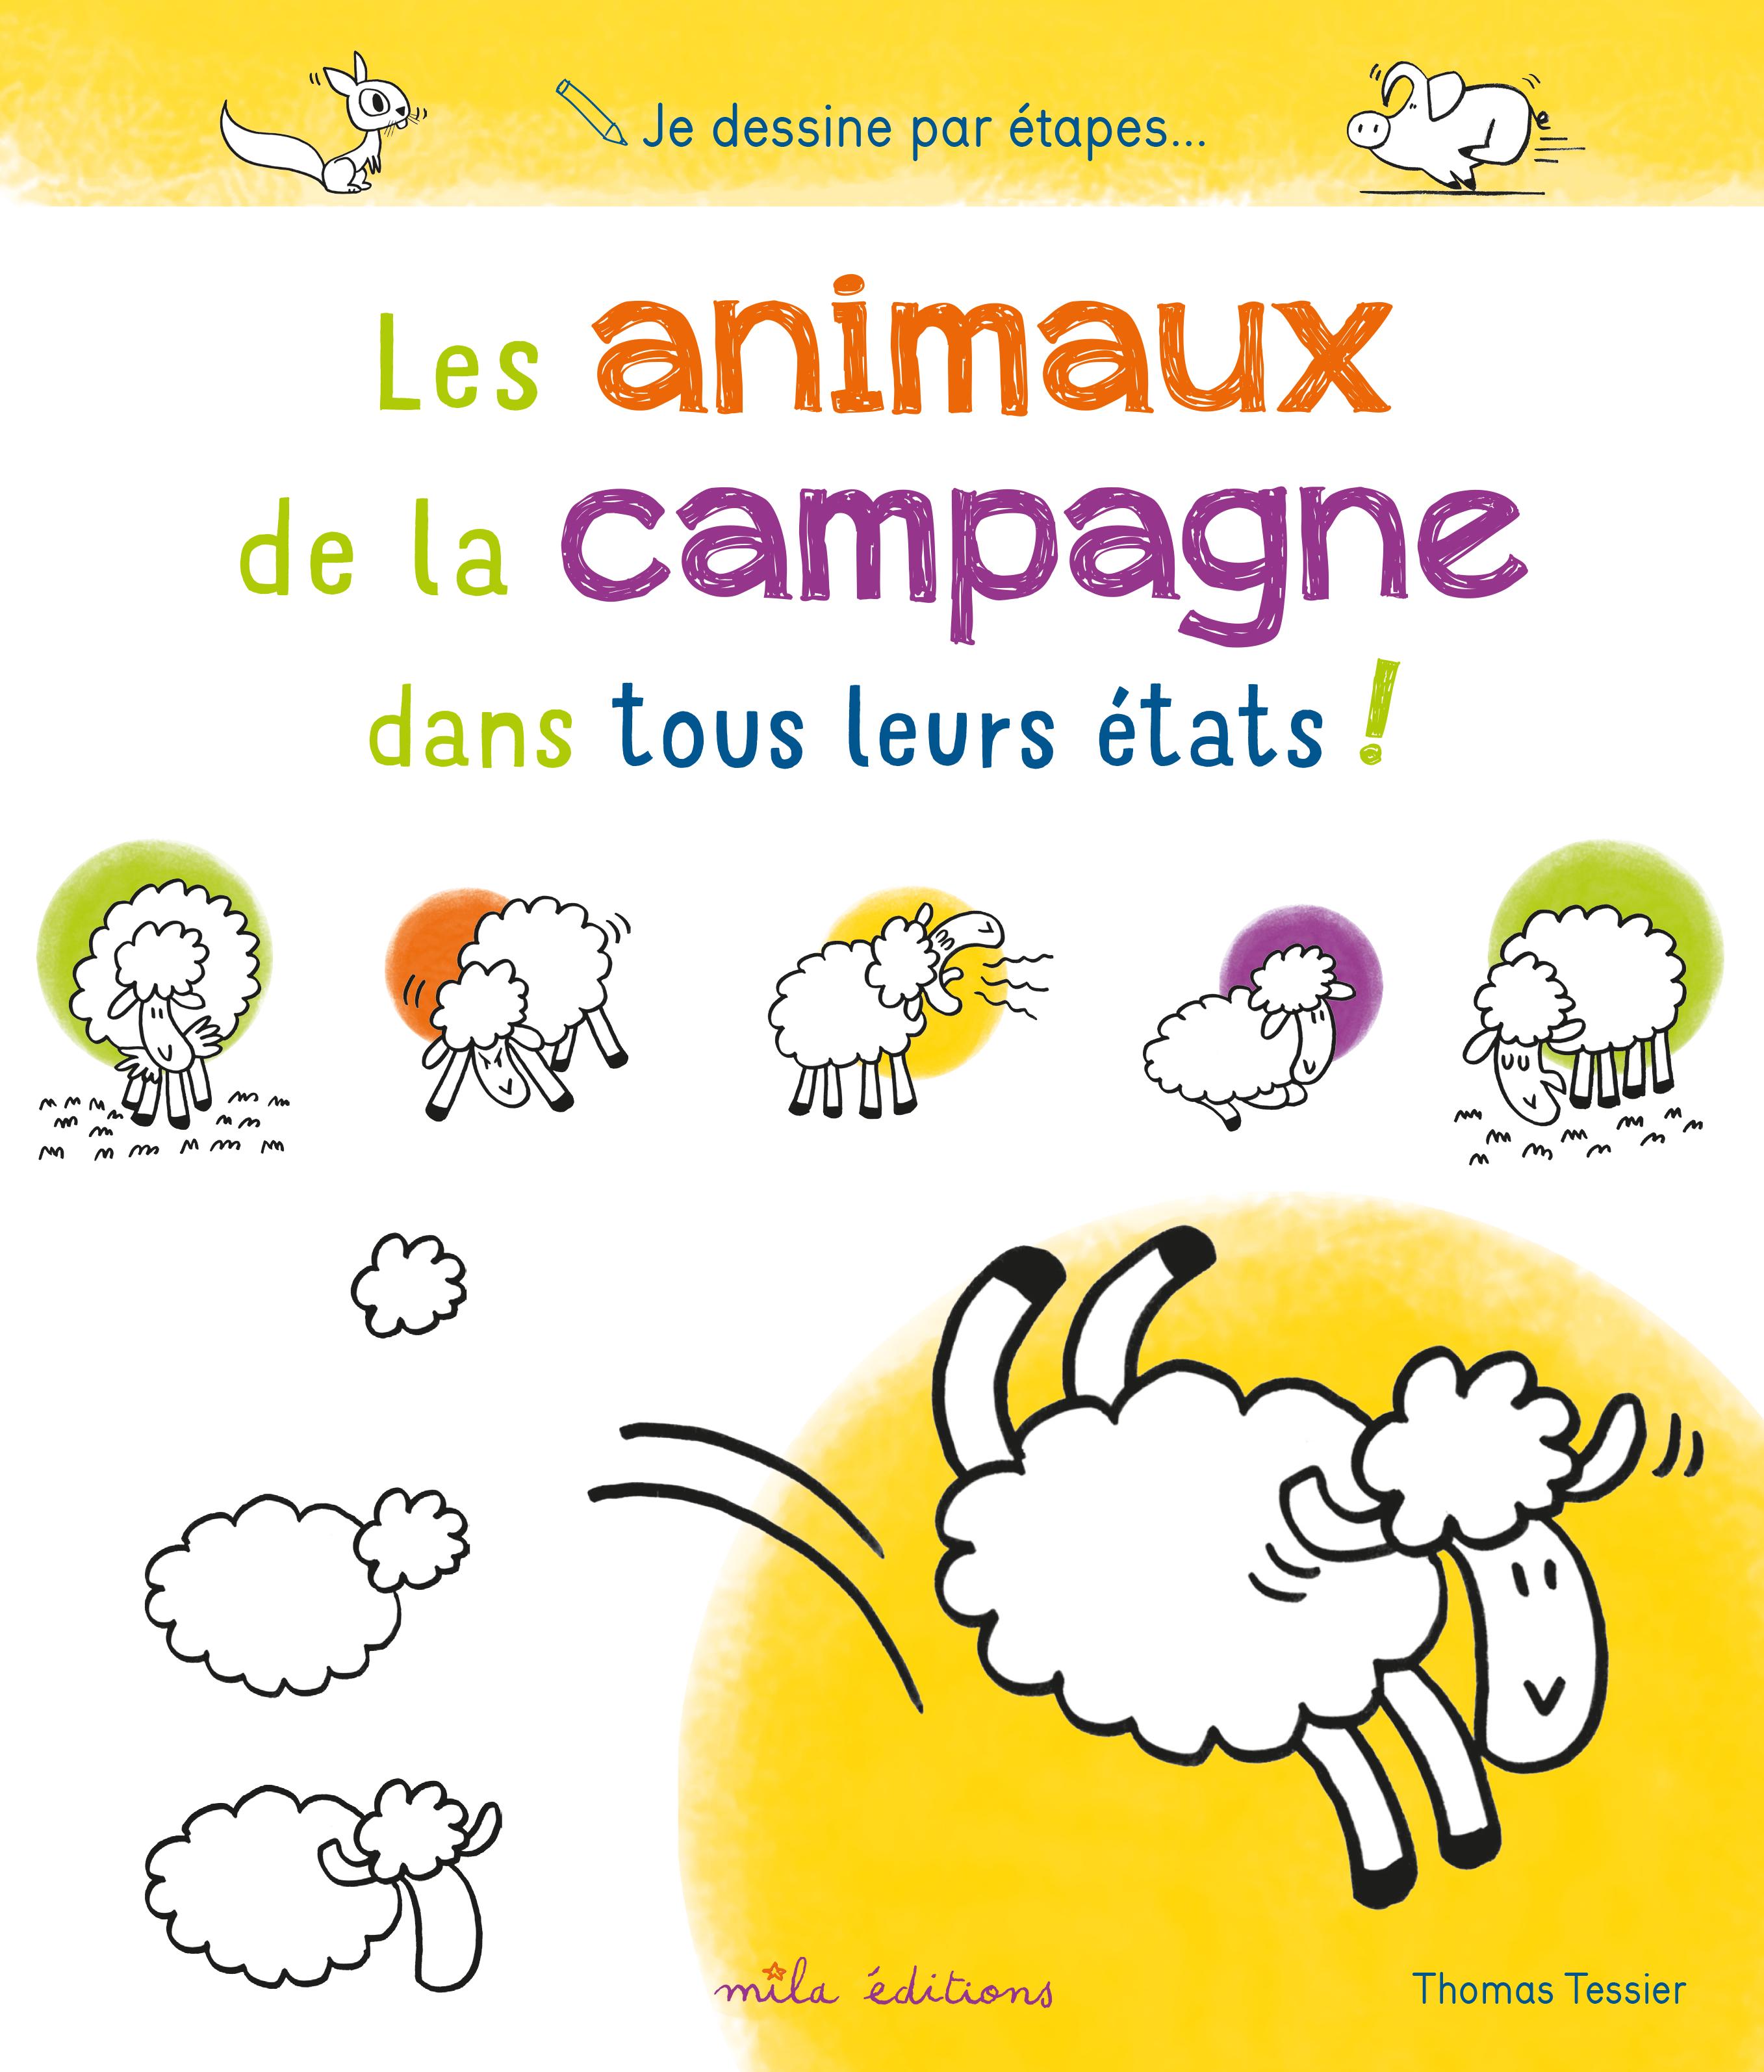 ANIMAUX DE LA CAMPAGNE DANS TOUS LEURS ETATS (LES) !